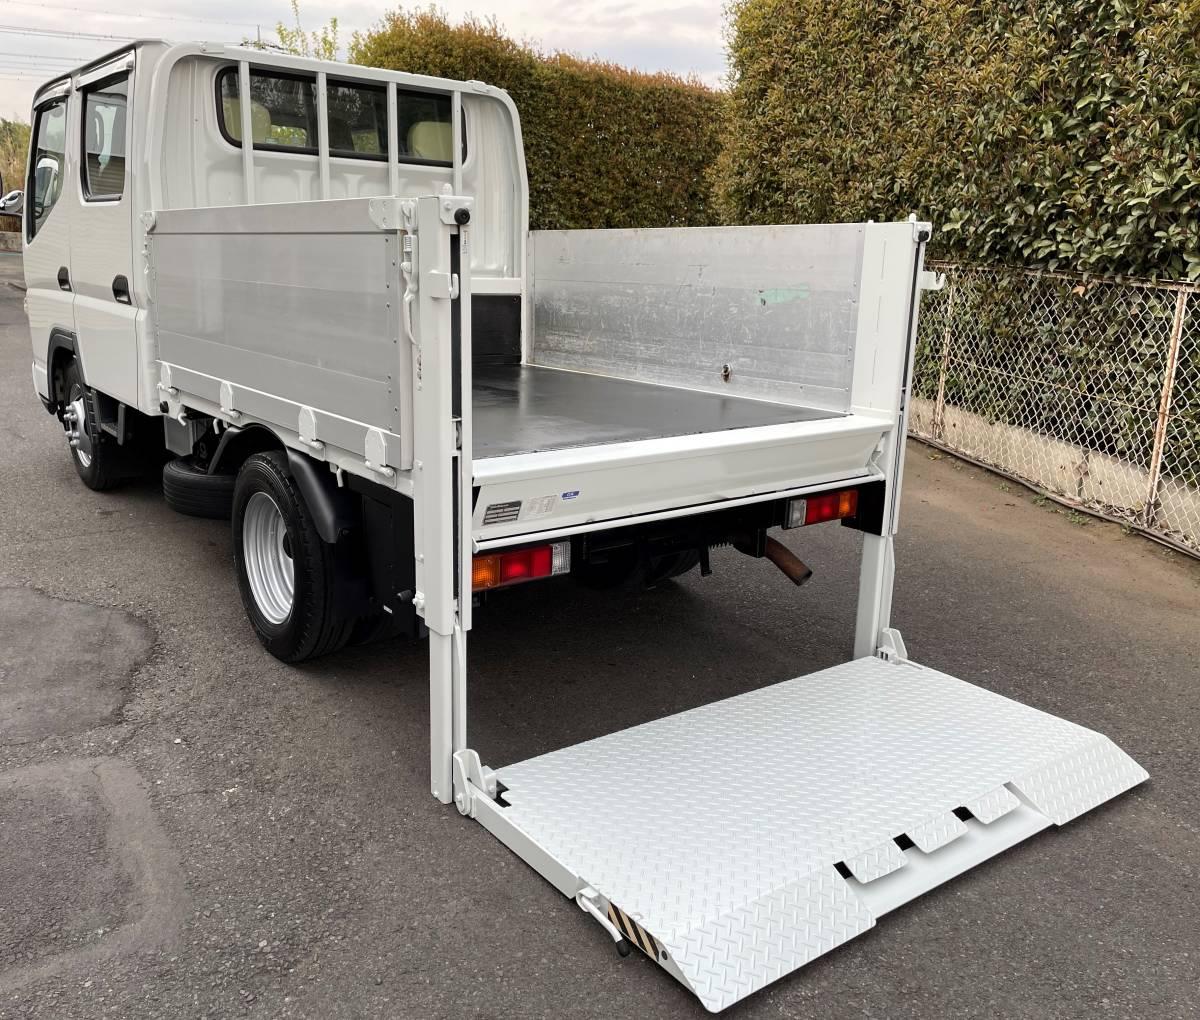 H17 三菱キャンター Wキャビントラック ダブルキャブトラック パワーゲート付き_画像5